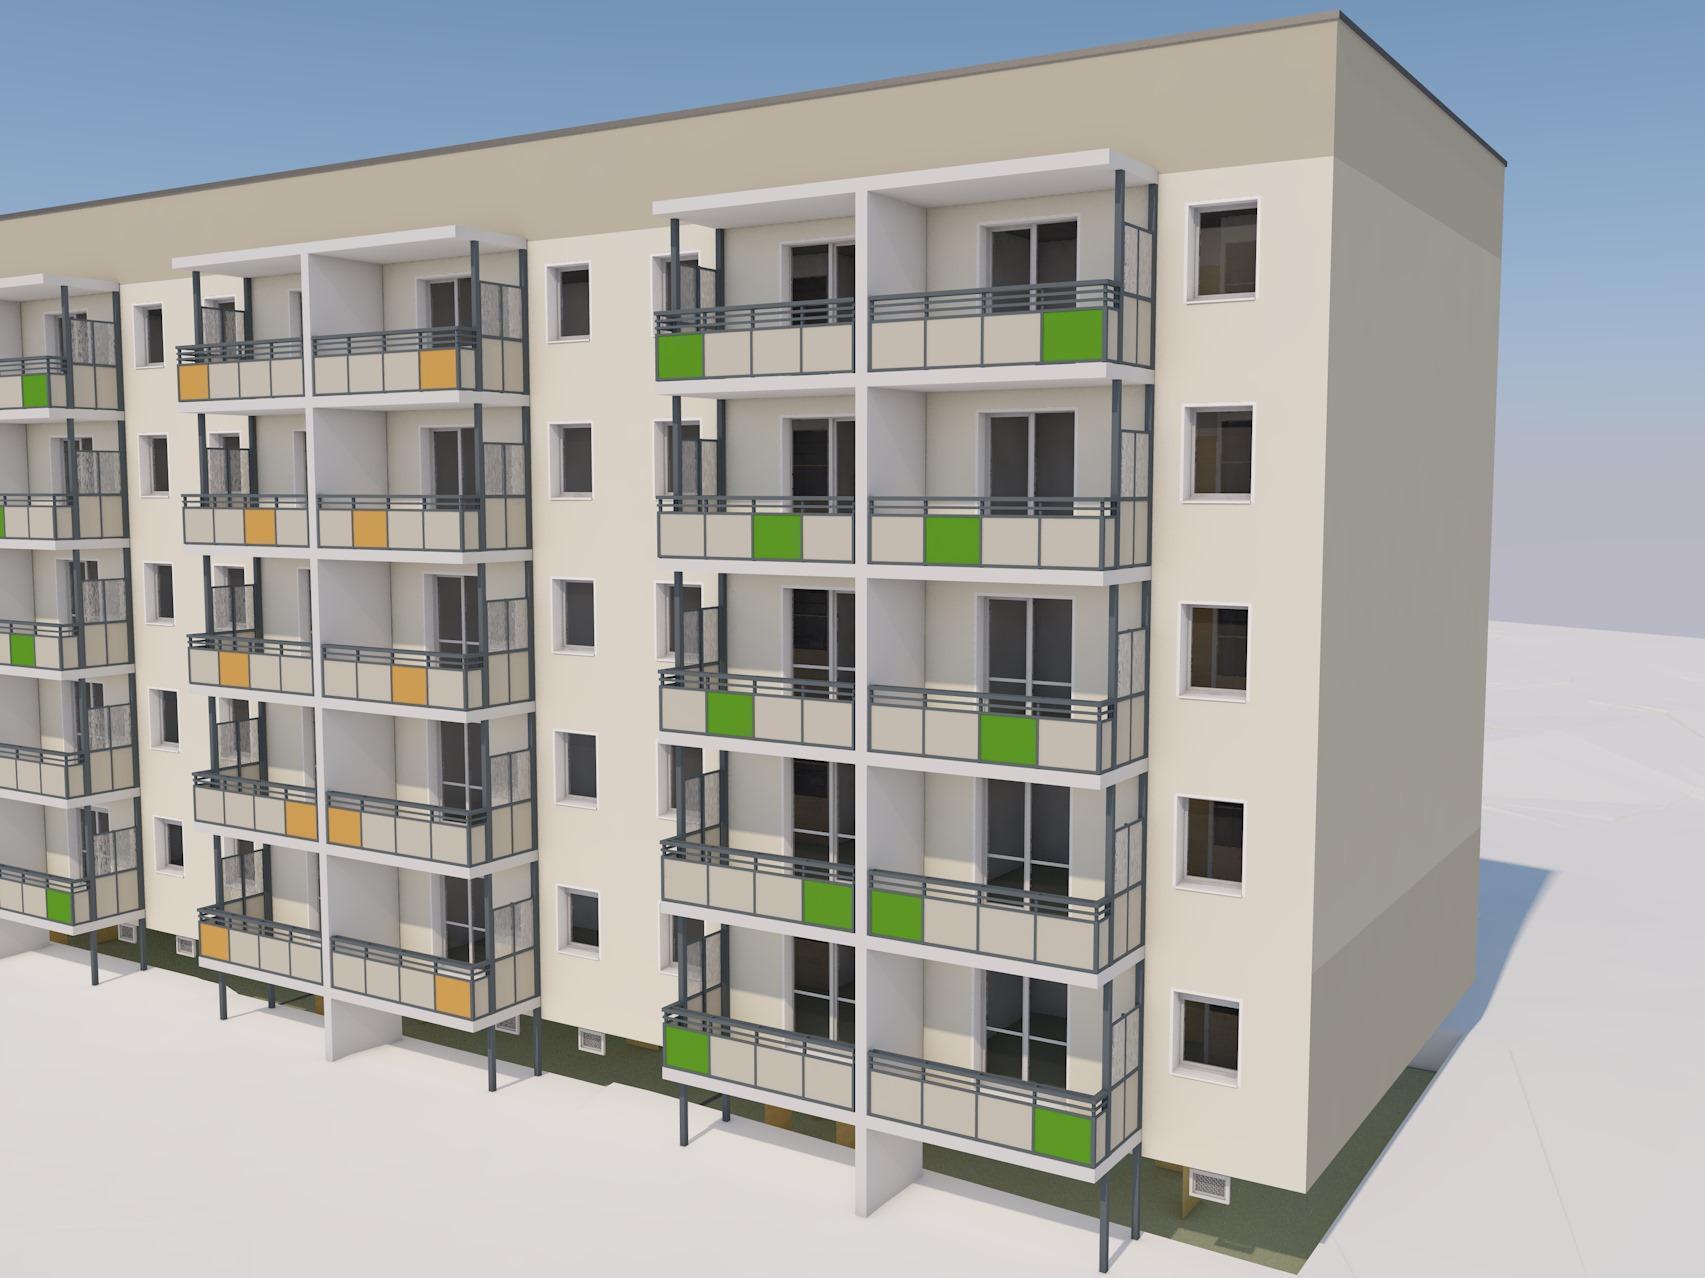 Anbau von Balkonen